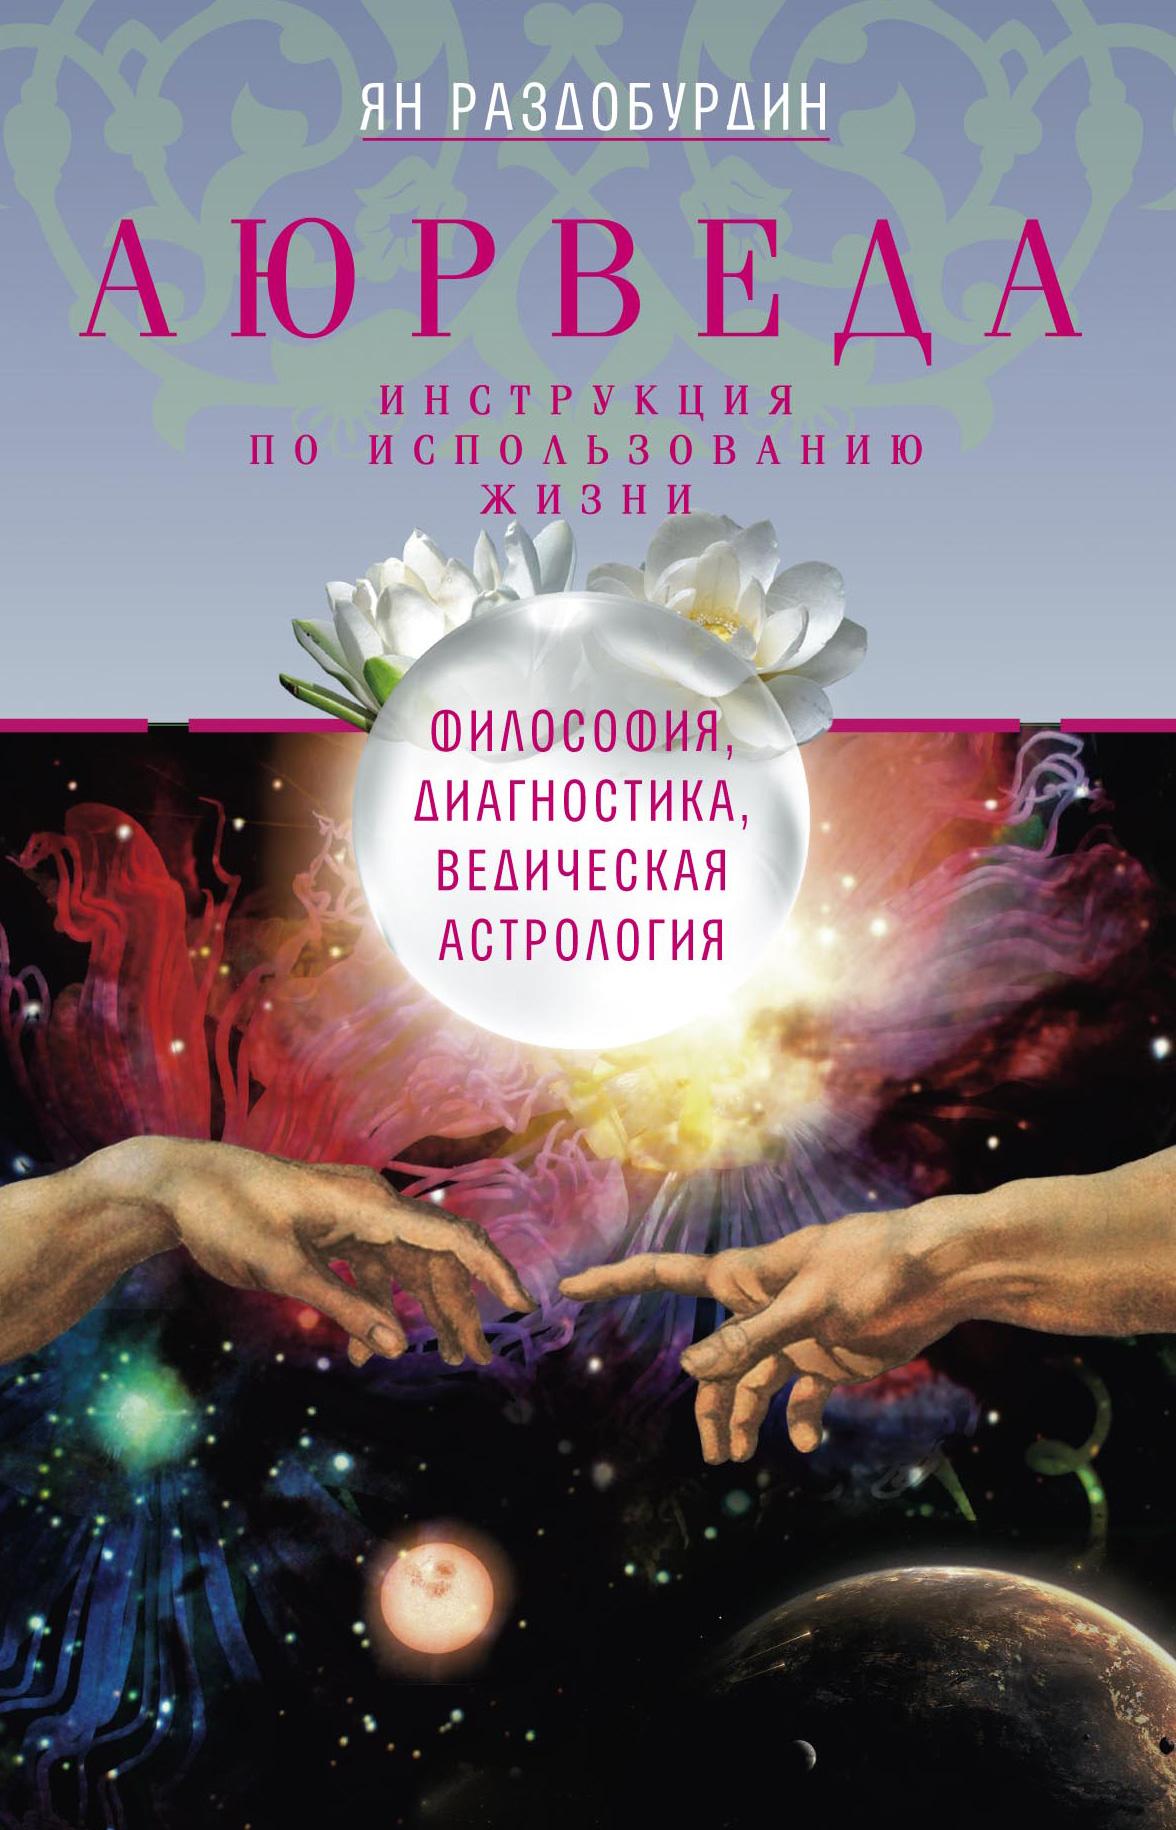 Ян Раздобурдин Аюрведа. Философия, диагностика, Ведическая астрология васант лад диагностика по пульсу